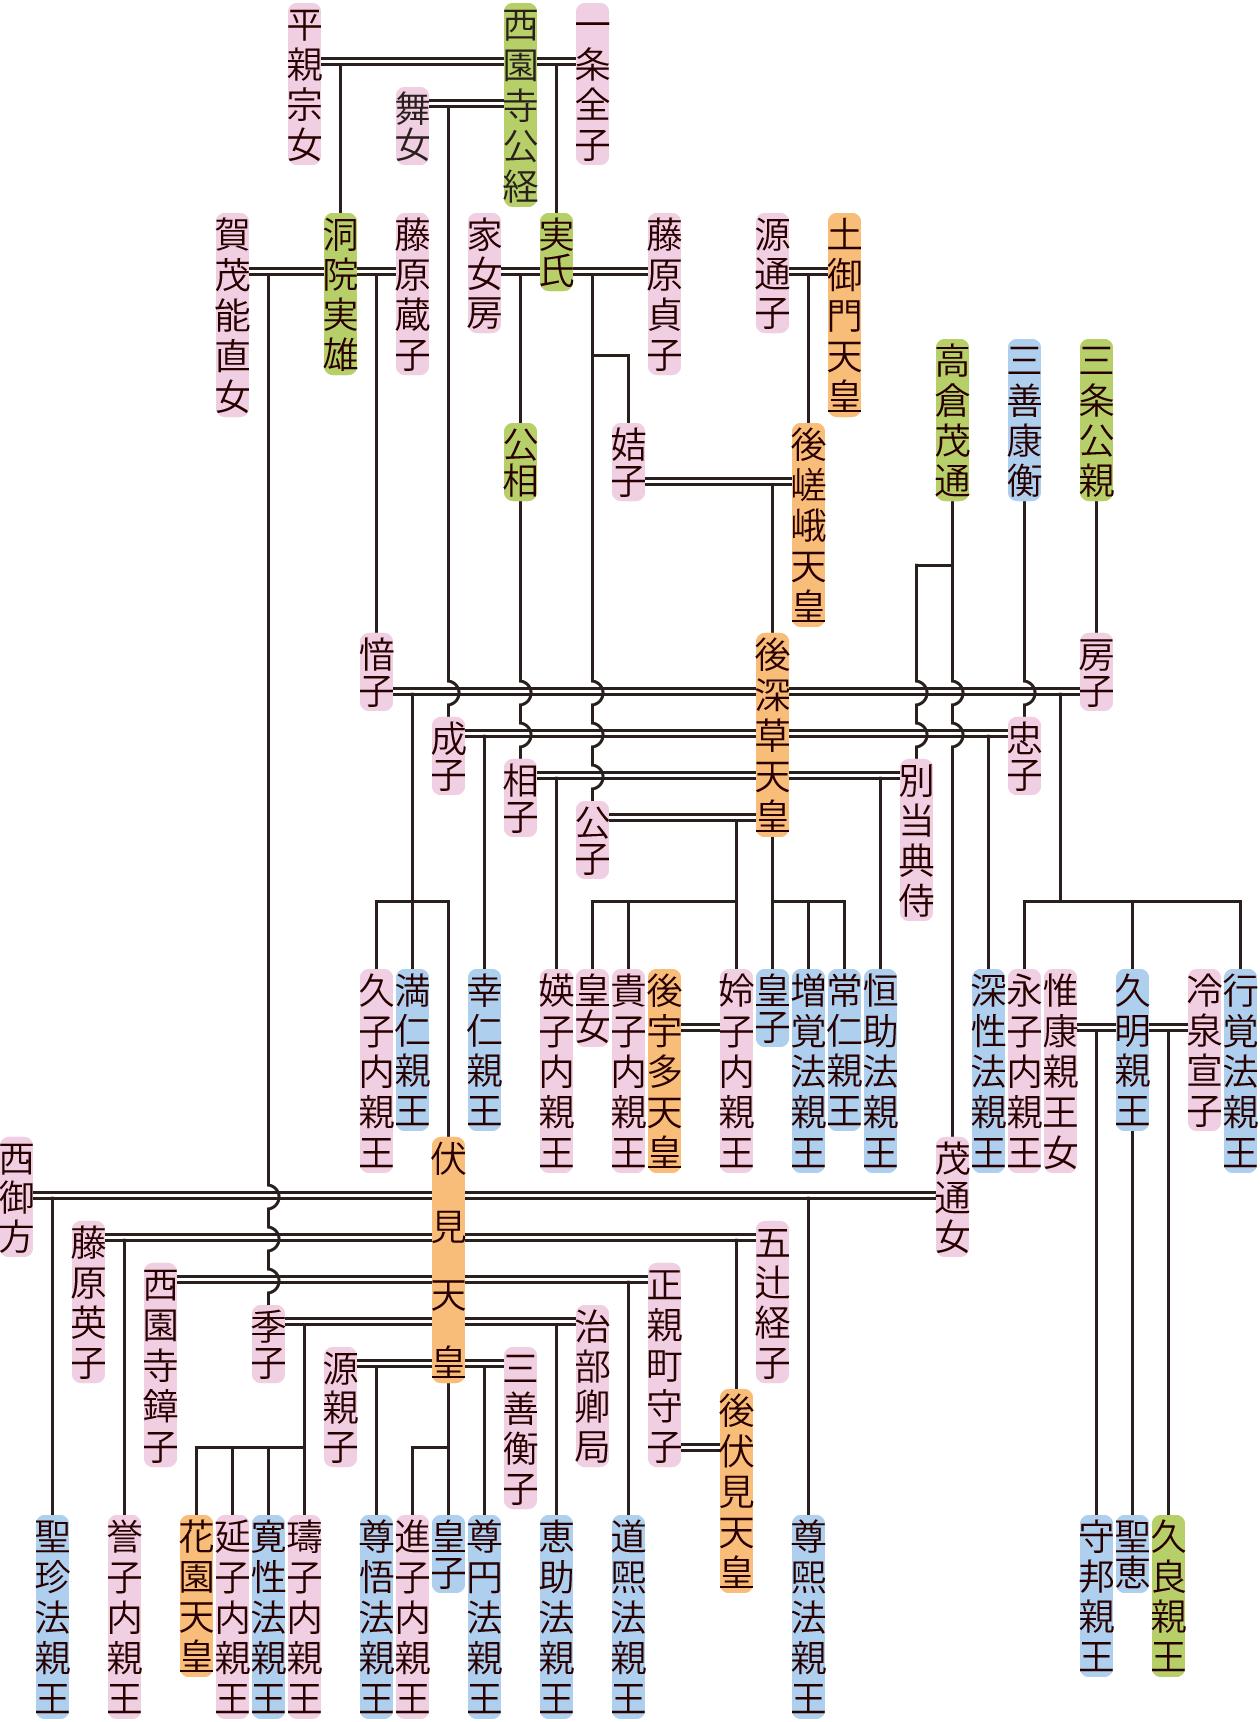 後深草天皇の系図